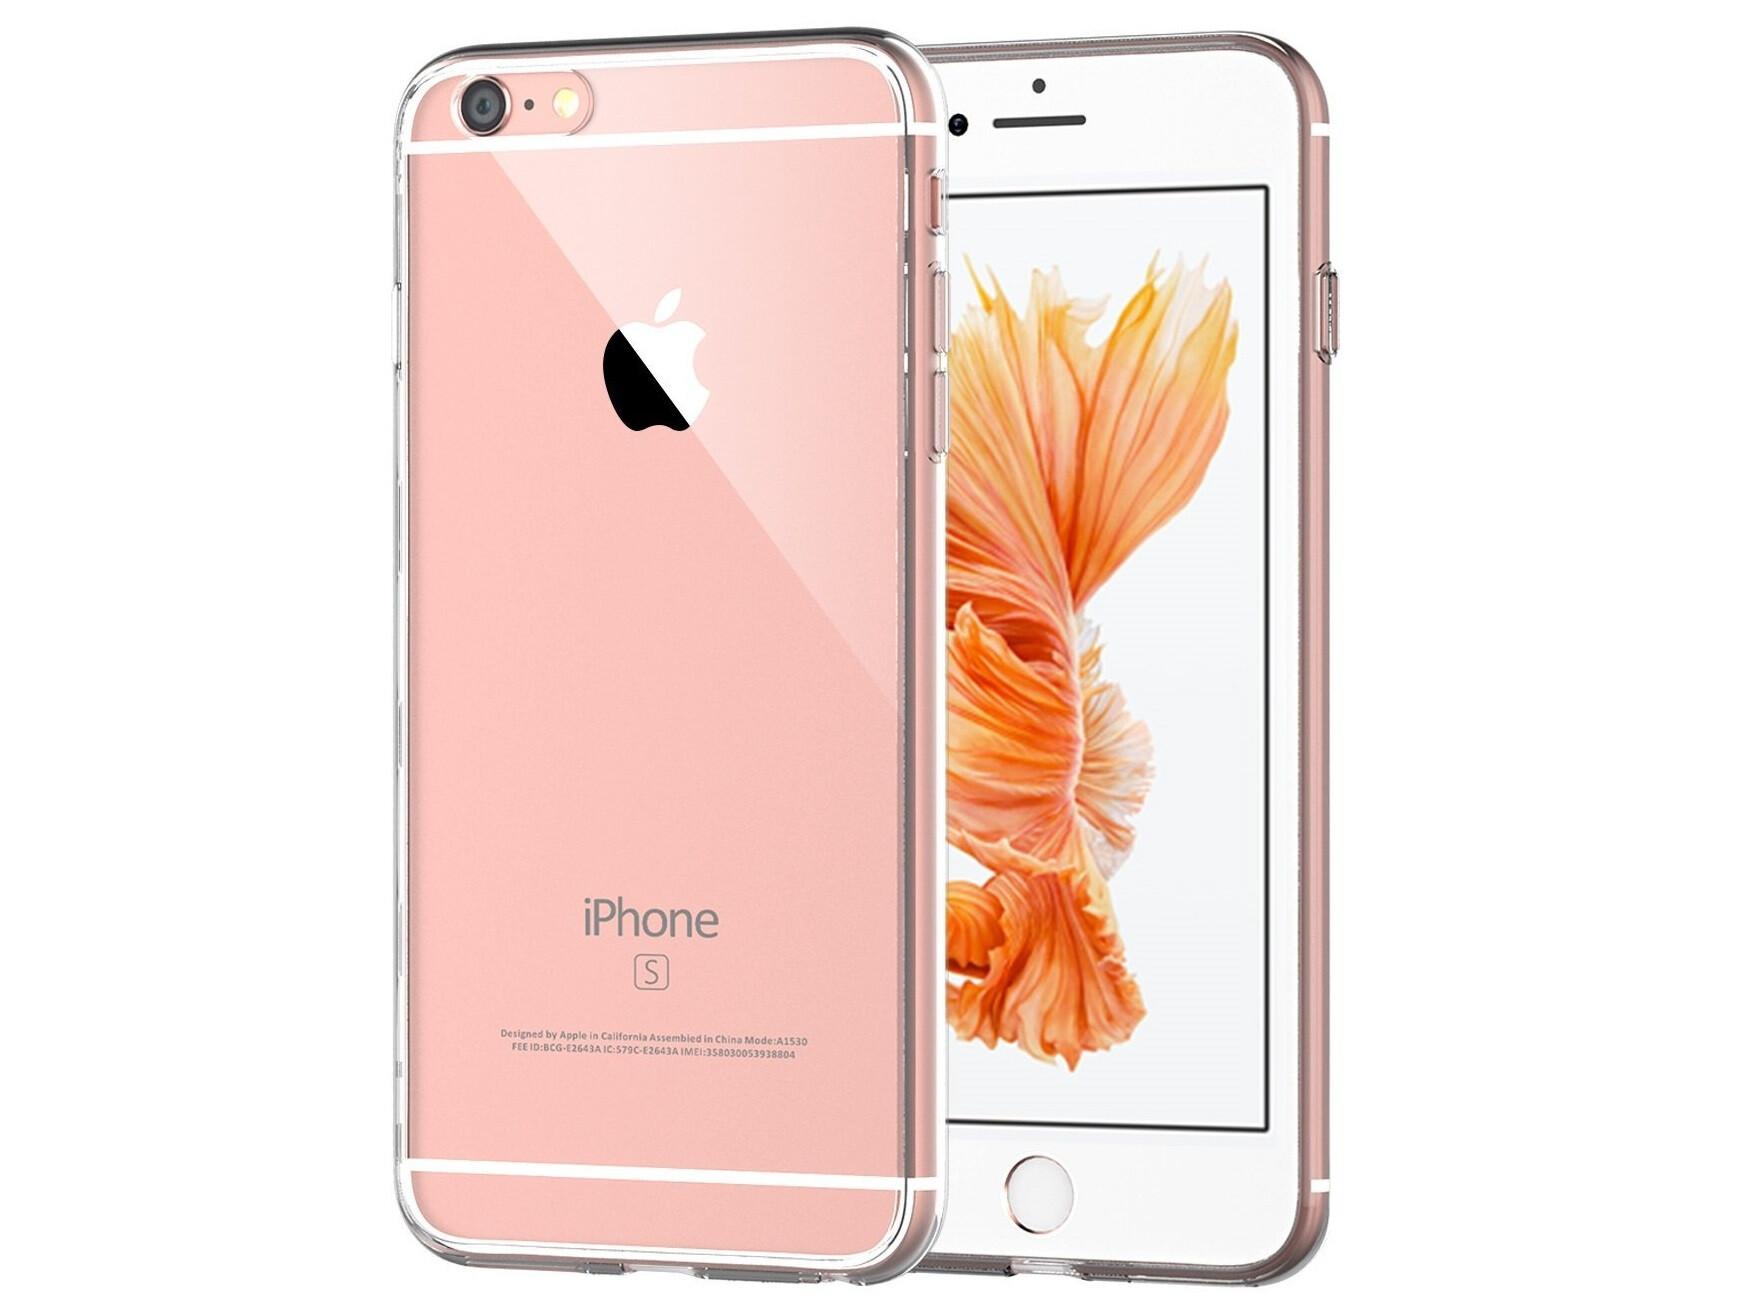 iphone 6s phone case transparent